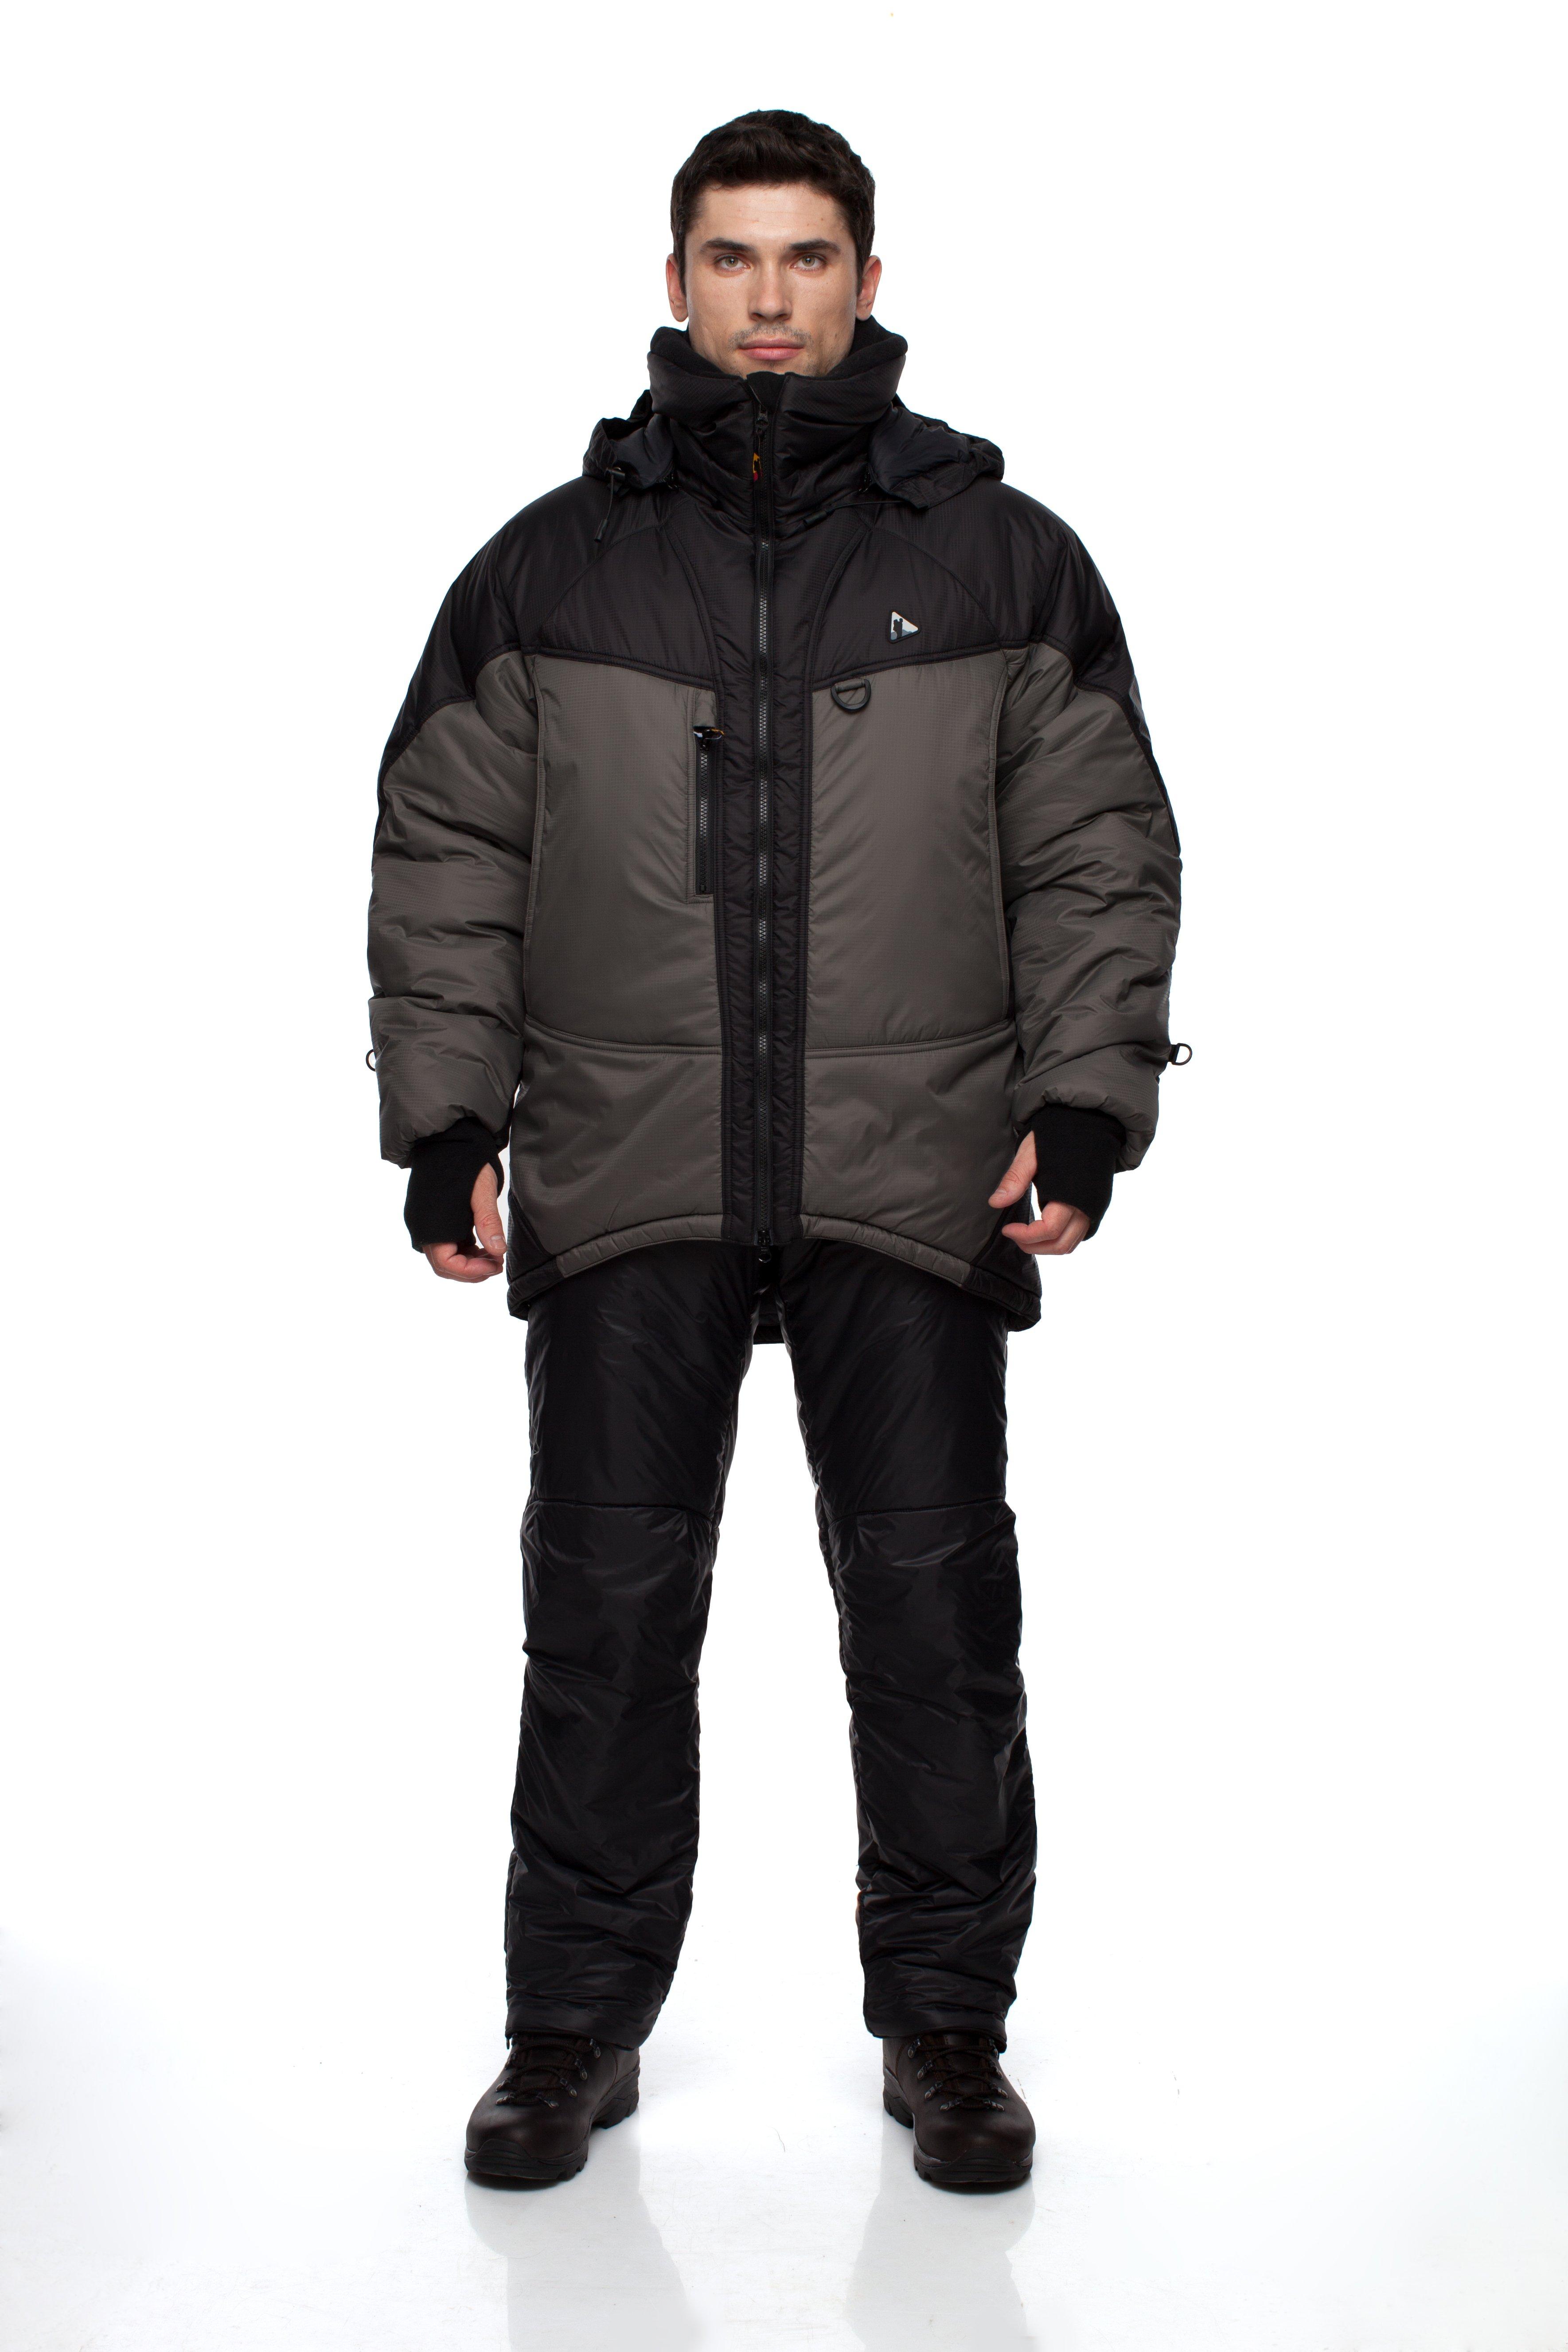 Куртка BASK SHL VALDEZ V2 1198aНовый вариант проверенной временем куртки VALDEZ на утеплителе Shelter&amp;reg; Sport. Прошла испытания в суровых условиях.<br><br>Верхняя ткань: Advance® Ecliptic<br>Вес граммы: 1400<br>Ветро-влагозащитные свойства верхней ткани: Да<br>Ветрозащитная планка: Да<br>Ветрозащитная юбка: Да<br>Влагозащитные молнии: Нет<br>Внутренние манжеты: Да<br>Внутренняя ткань: Advance® Classic<br>Водонепроницаемость: 1000<br>Дублирующий центральную молнию клапан: Нет<br>Защитный козырёк капюшона: Да<br>Капюшон: отстегивается<br>Карман для средств связи: Нет<br>Количество внешних карманов: 3<br>Количество внутренних карманов: 4<br>Мембрана: Advance MPC<br>Объемный крой локтевой зоны: Да<br>Отстёгивающиеся рукава: Нет<br>Паропроницаемость: 7000<br>Пол: Муж.<br>Проклейка швов: Нет<br>Регулировка манжетов рукавов: Нет<br>Регулировка низа: Да<br>Регулировка объёма капюшона: Да<br>Регулировка талии: Нет<br>Регулируемые вентиляционные отверстия: Нет<br>Световозвращающая лента: Нет<br>Температурный режим: -30<br>Технология Thermal Welding: Нет<br>Технология швов: Простые<br>Тип молнии: двухзамковая<br>Тип утеплителя: синтетический<br>Ткань усиления: Advance® Ecliptic<br>Усиление контактных зон: Да<br>Утеплитель: Shelter® Sport<br>Размер INT: M<br>Цвет: СИНИЙ